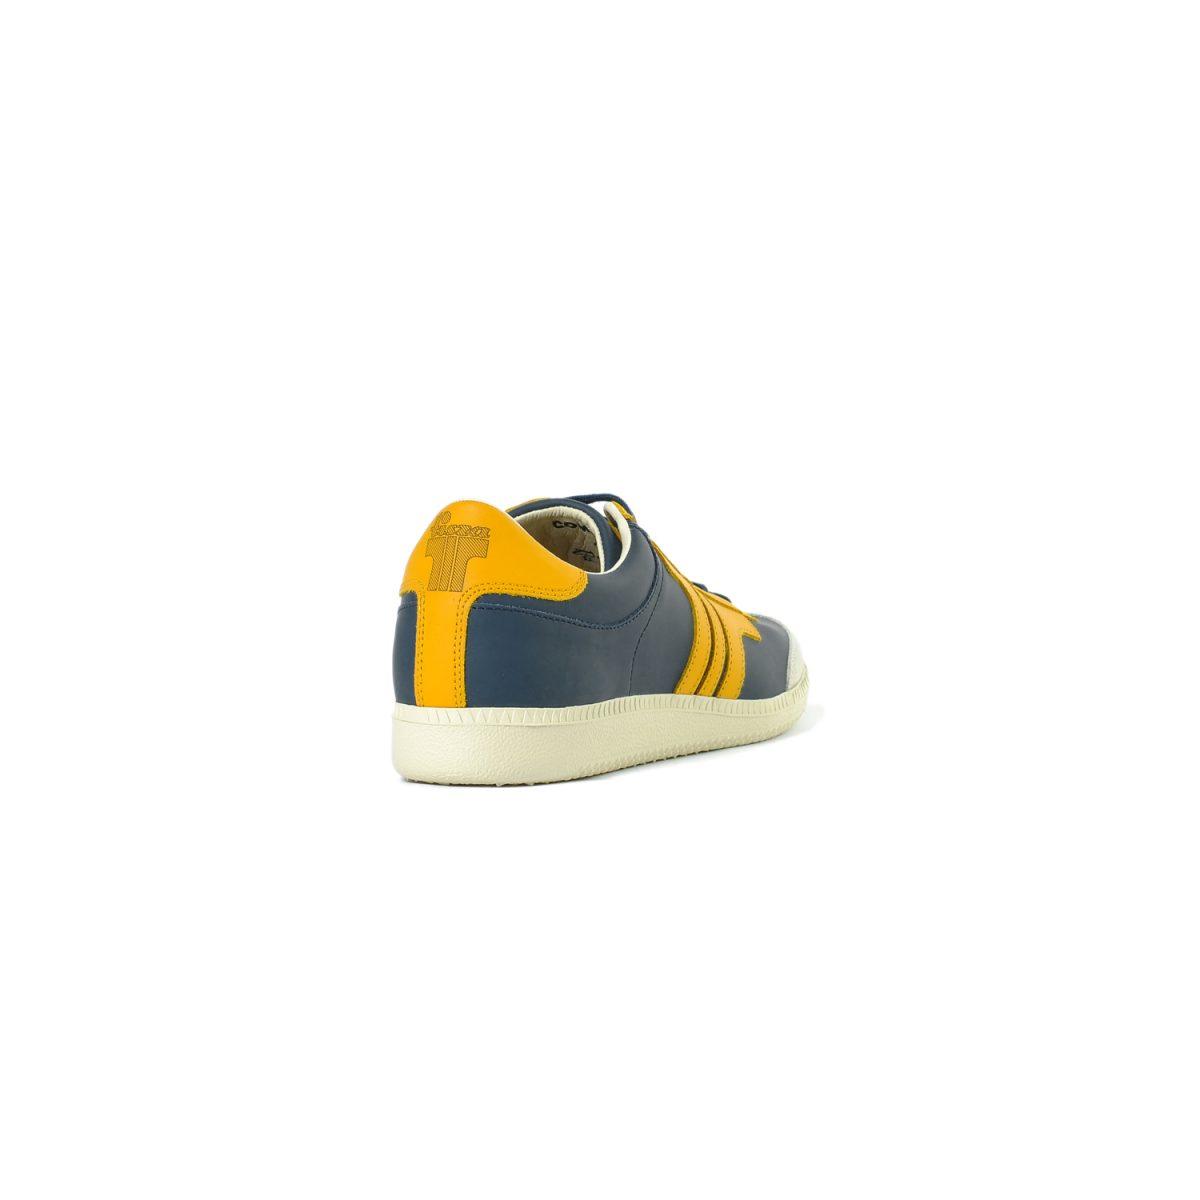 Tisza cipő - Compakt - Sötétkék-nap